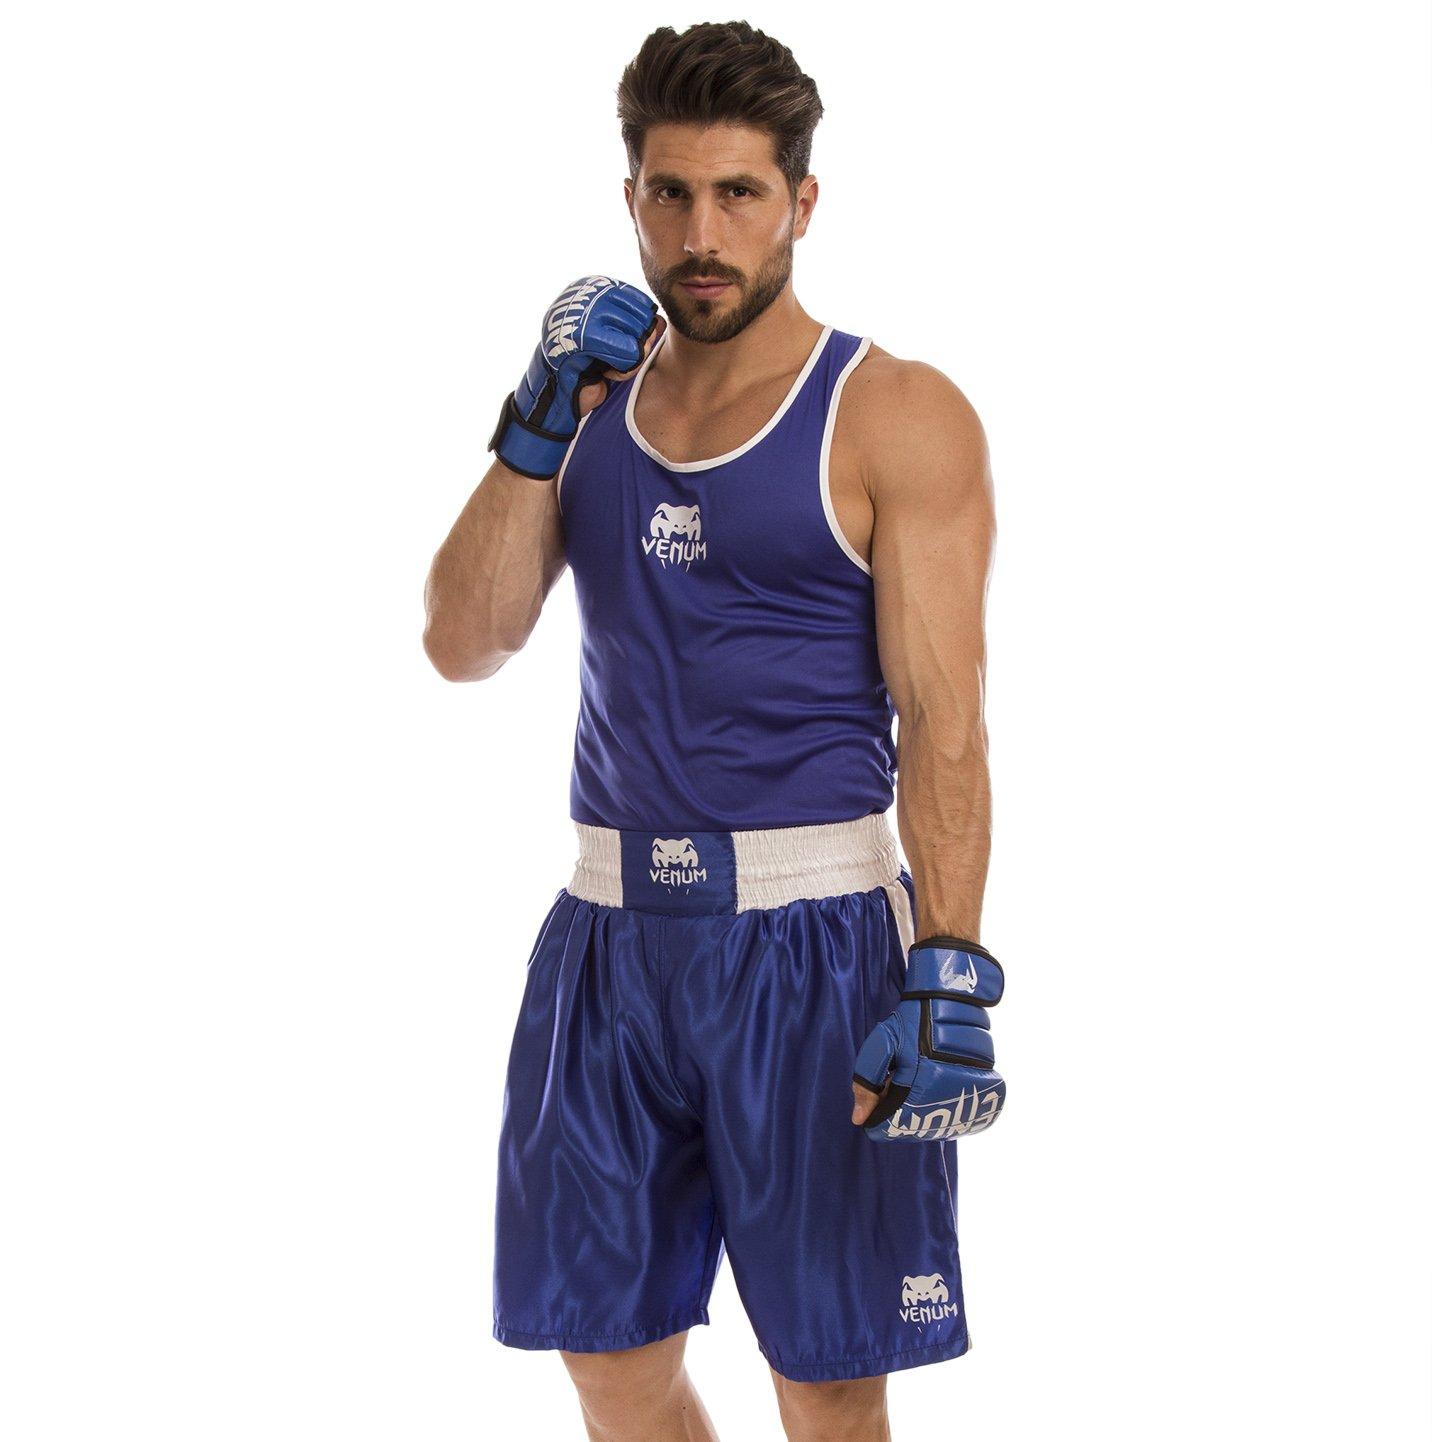 Боксерская форма